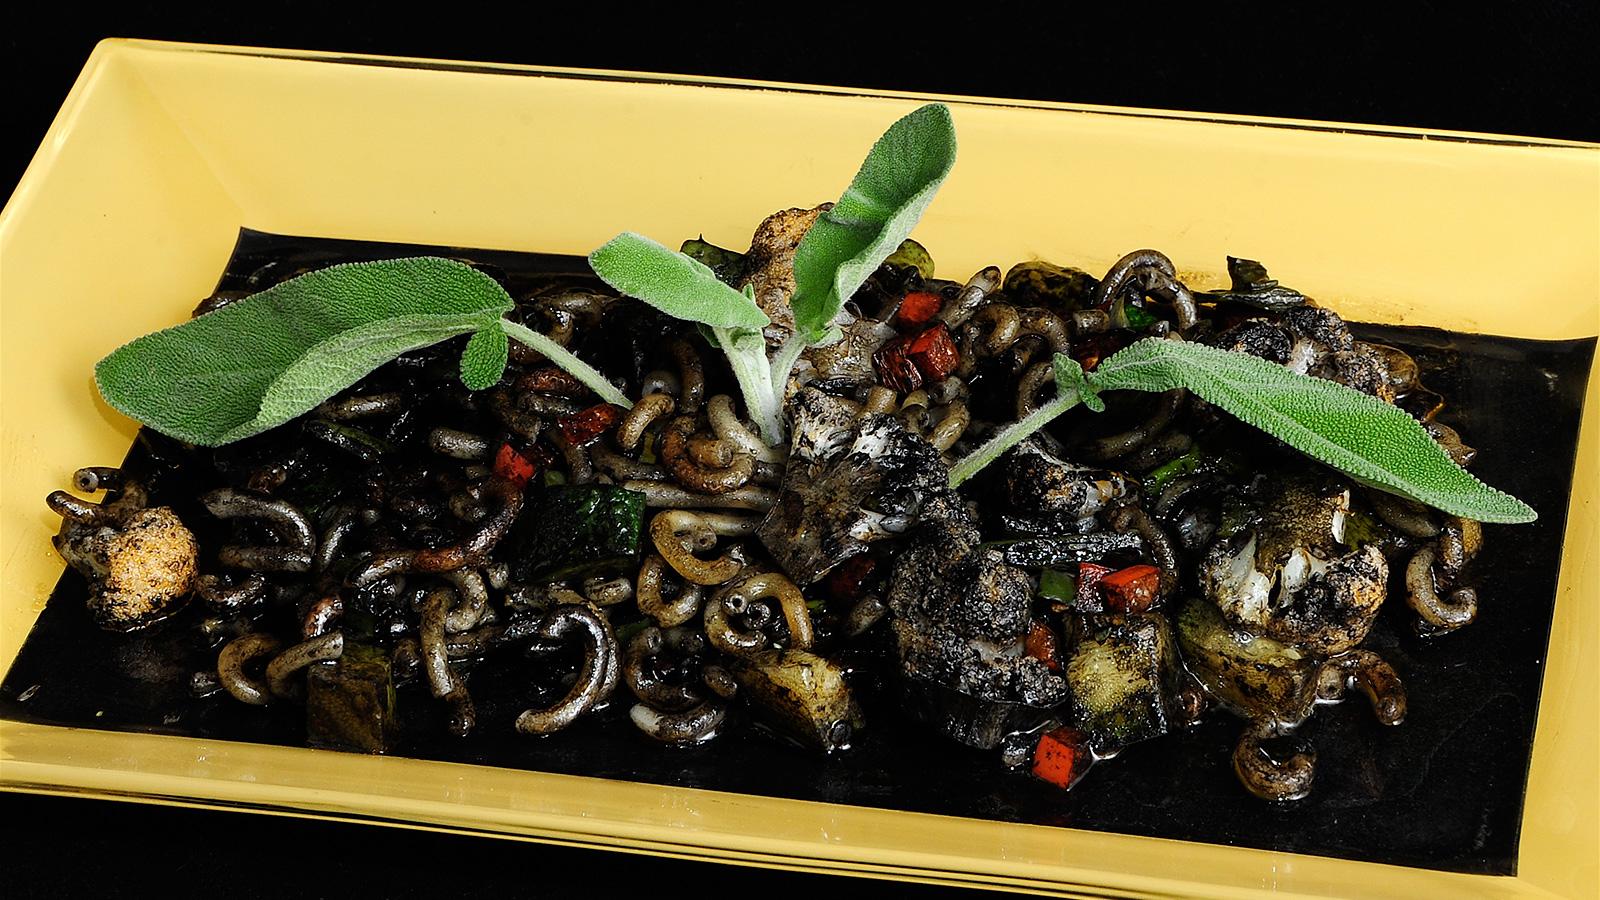 Fideu negra de verduras chema de isidro v zquez video for Chema de isidro canal cocina